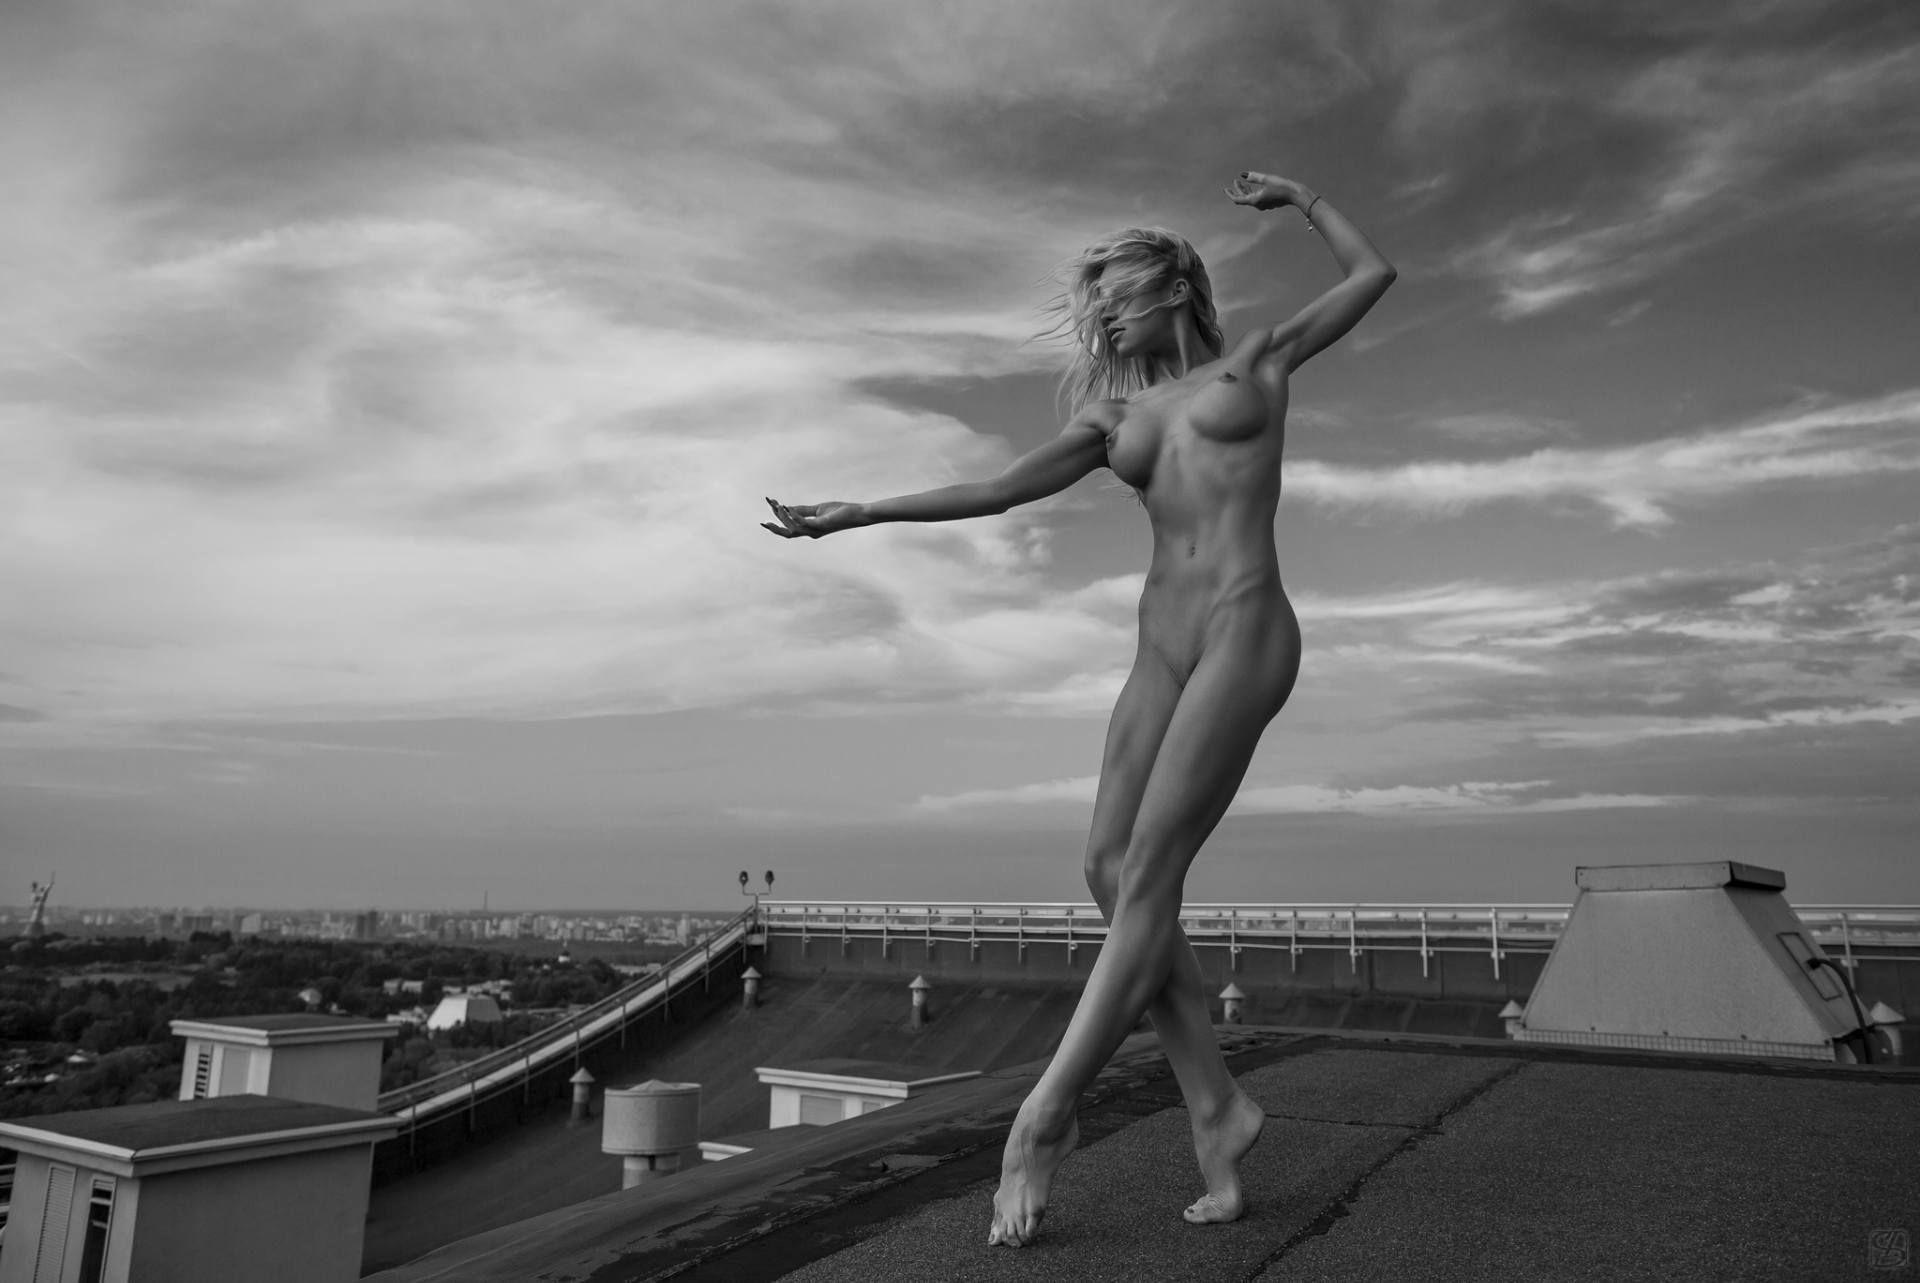 هفت عکس سیاه و سفید  هنری – بدن لخت